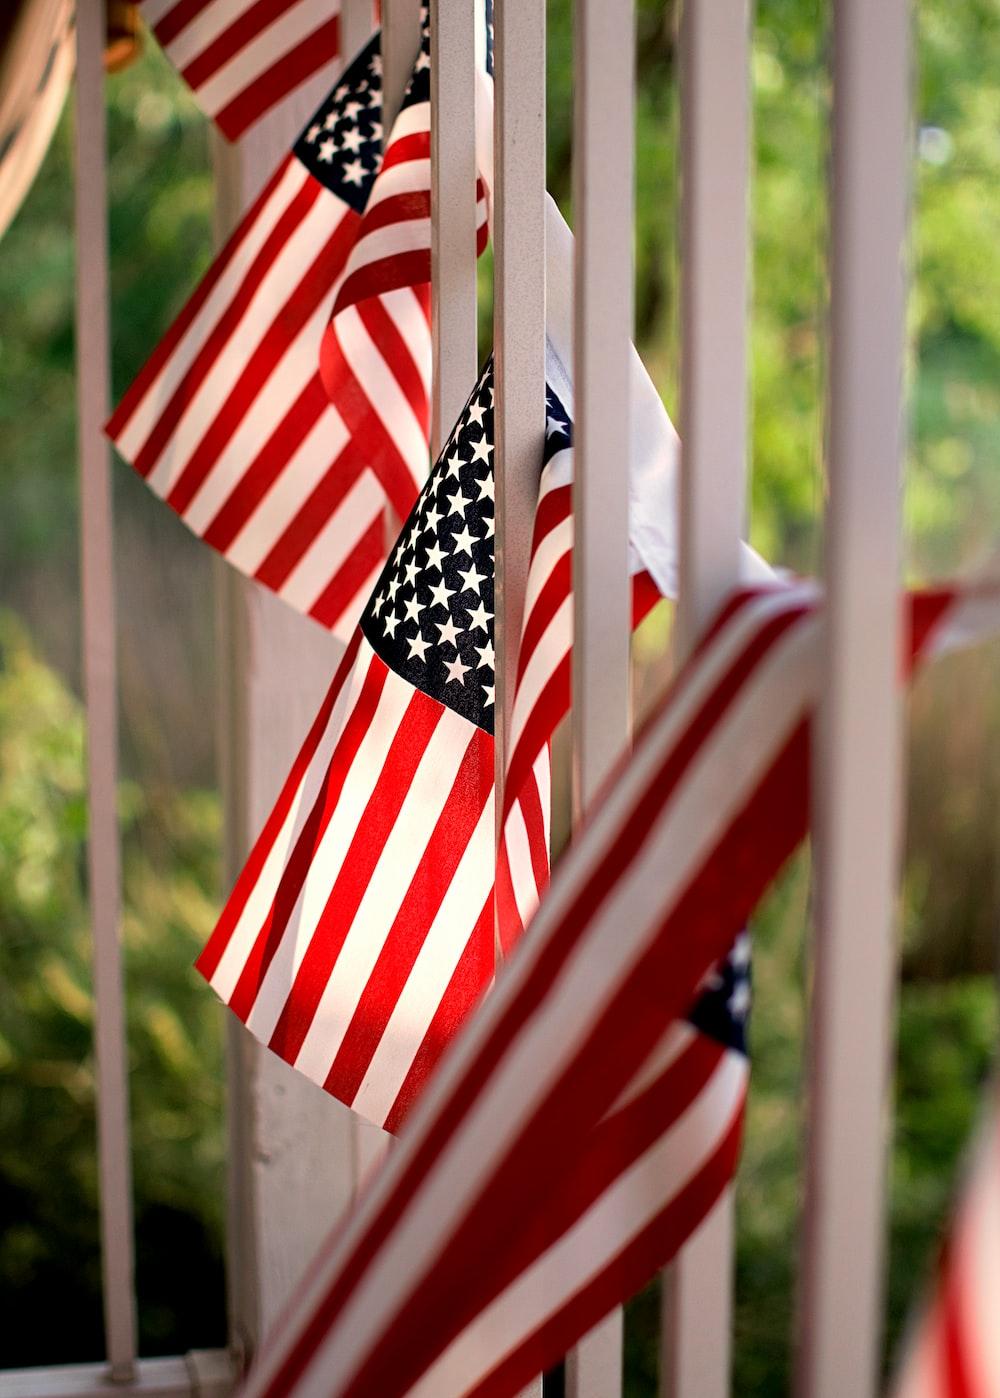 USA flag lot